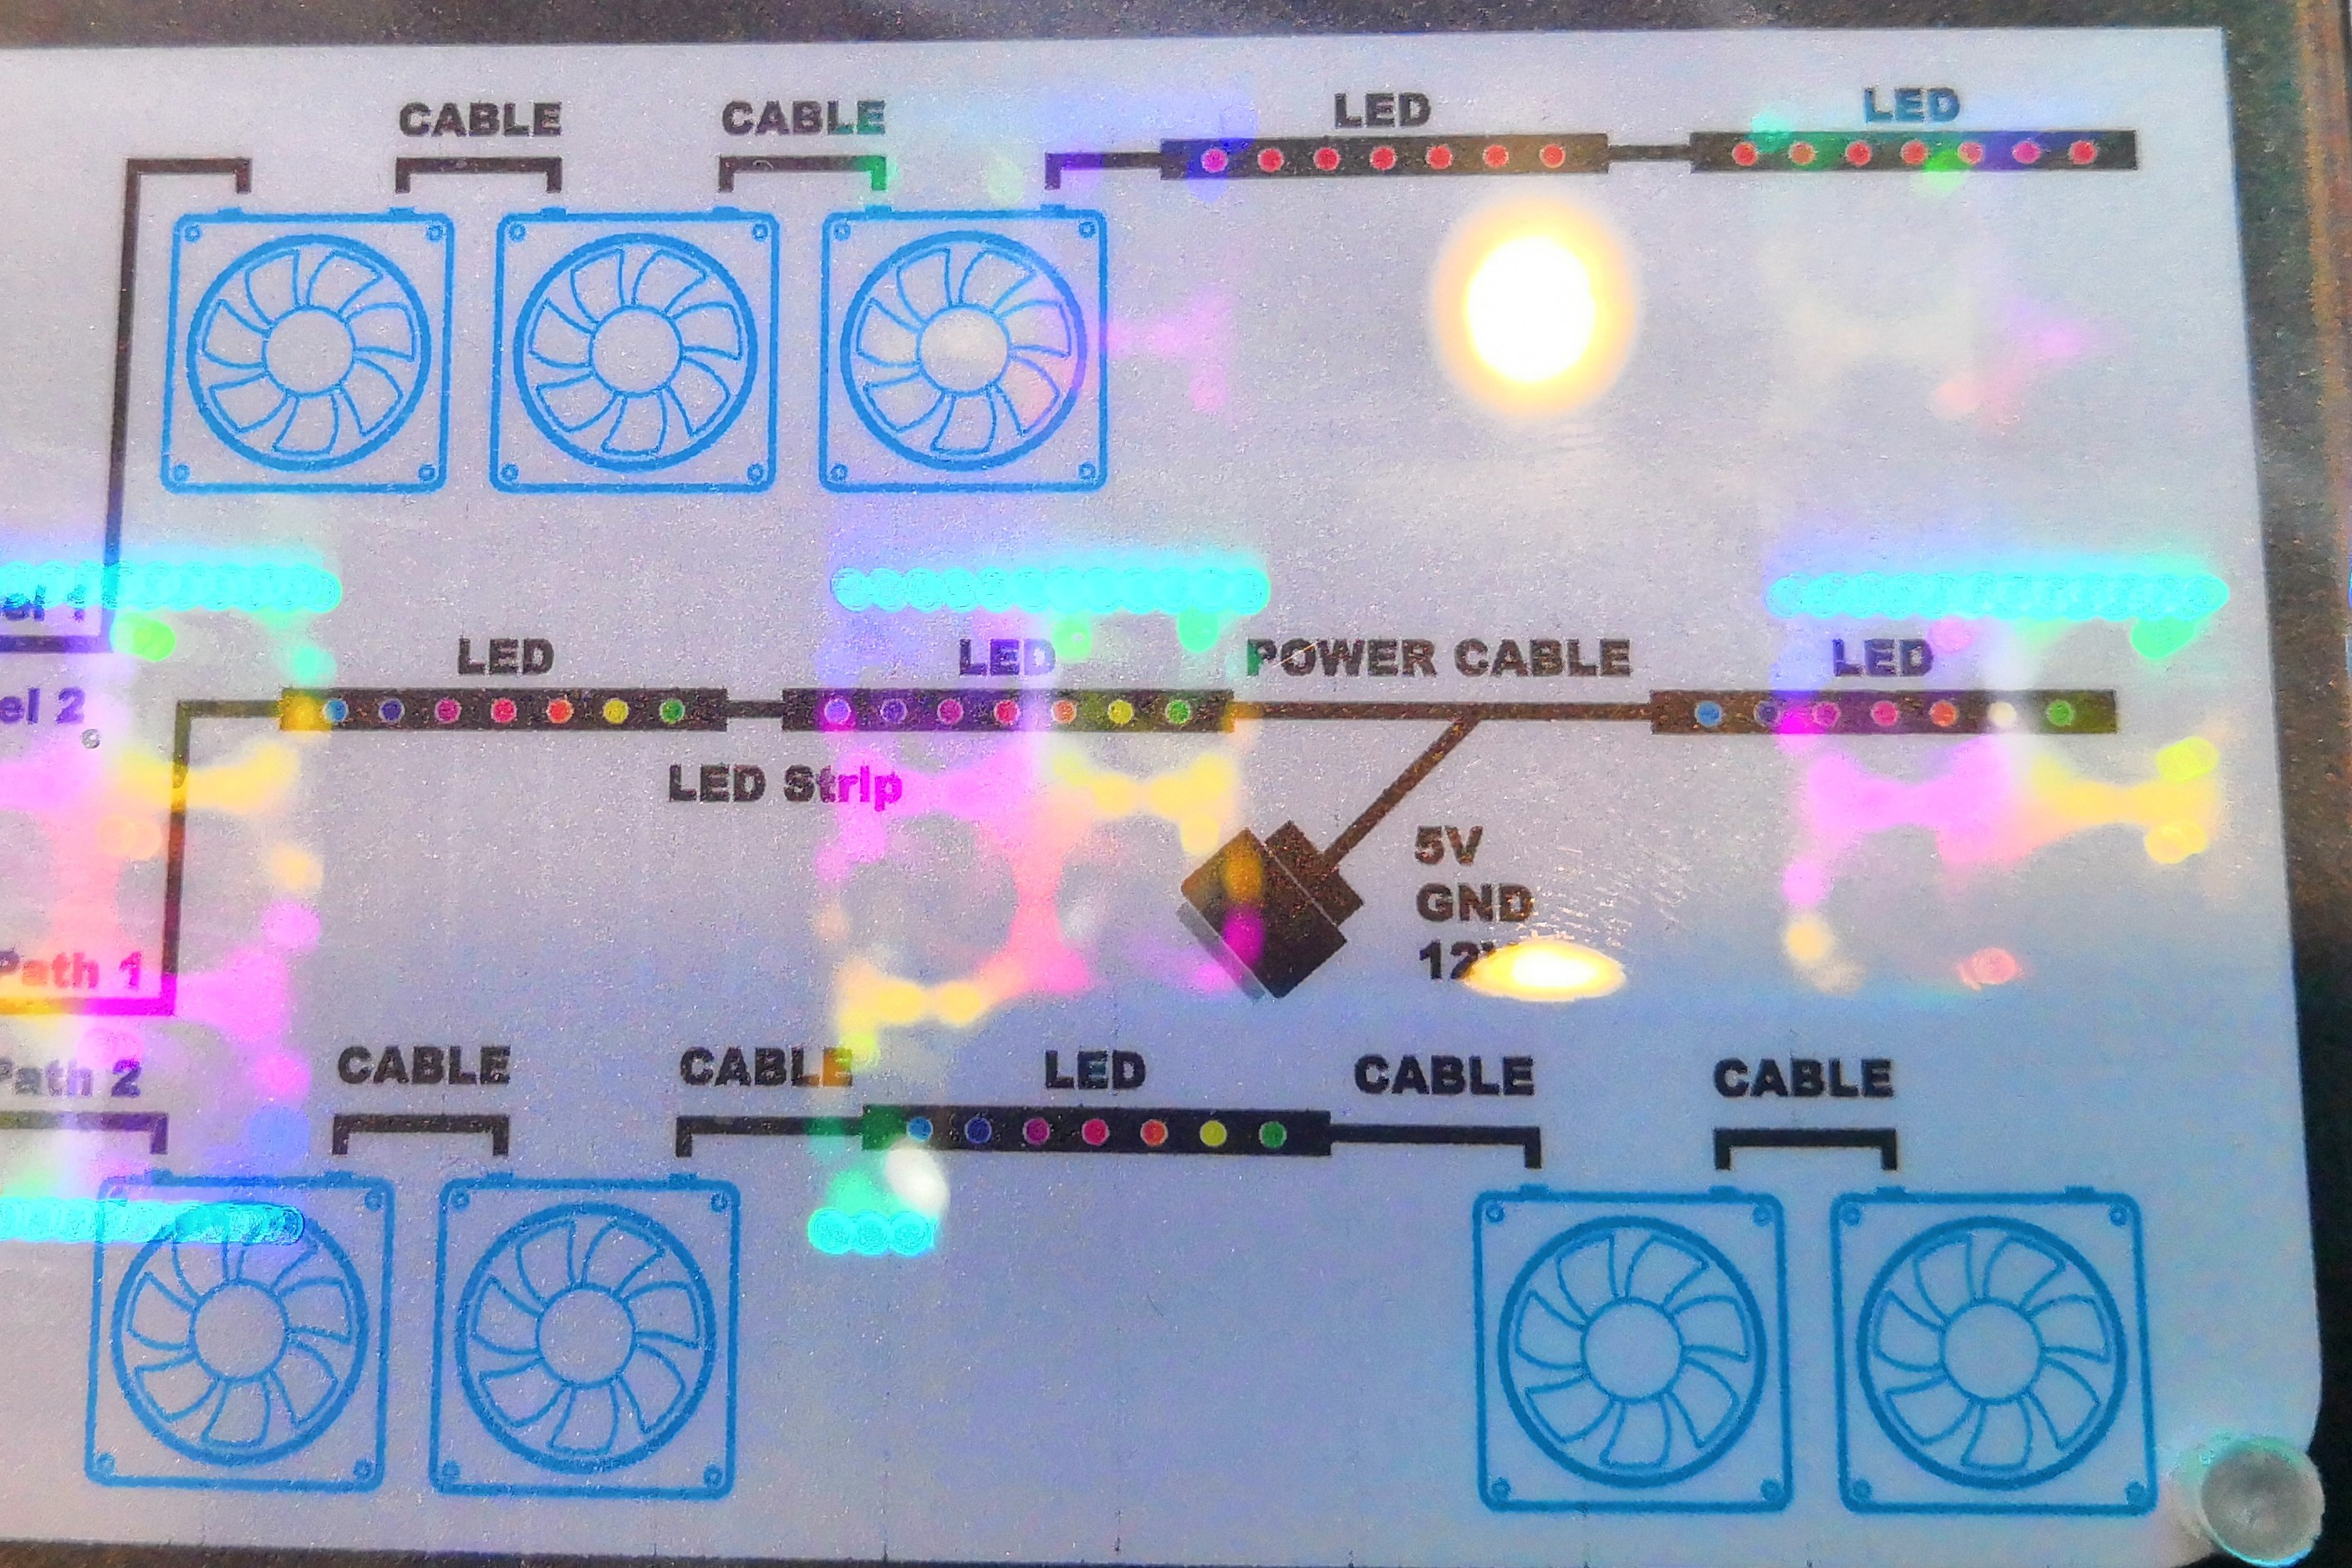 The InWin Ego Fan: The Ultimate RGB LED Fan